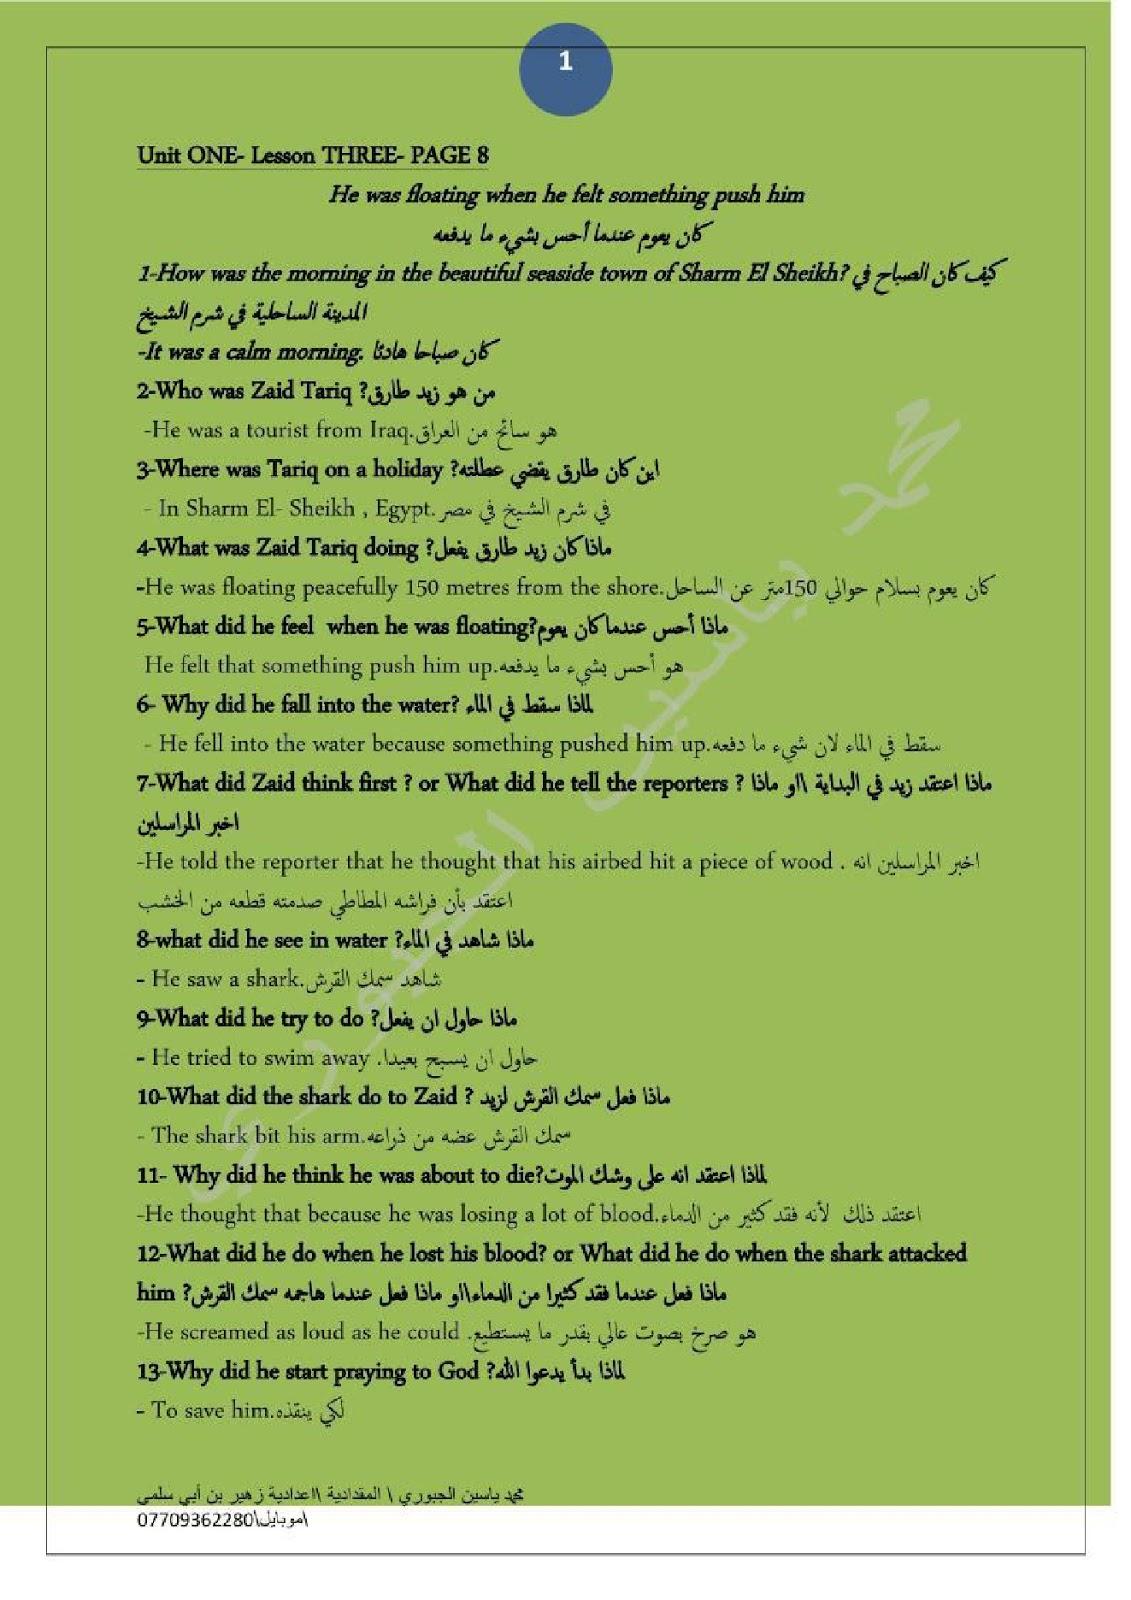 كتاب اللغة العربية للصف السادس قطر